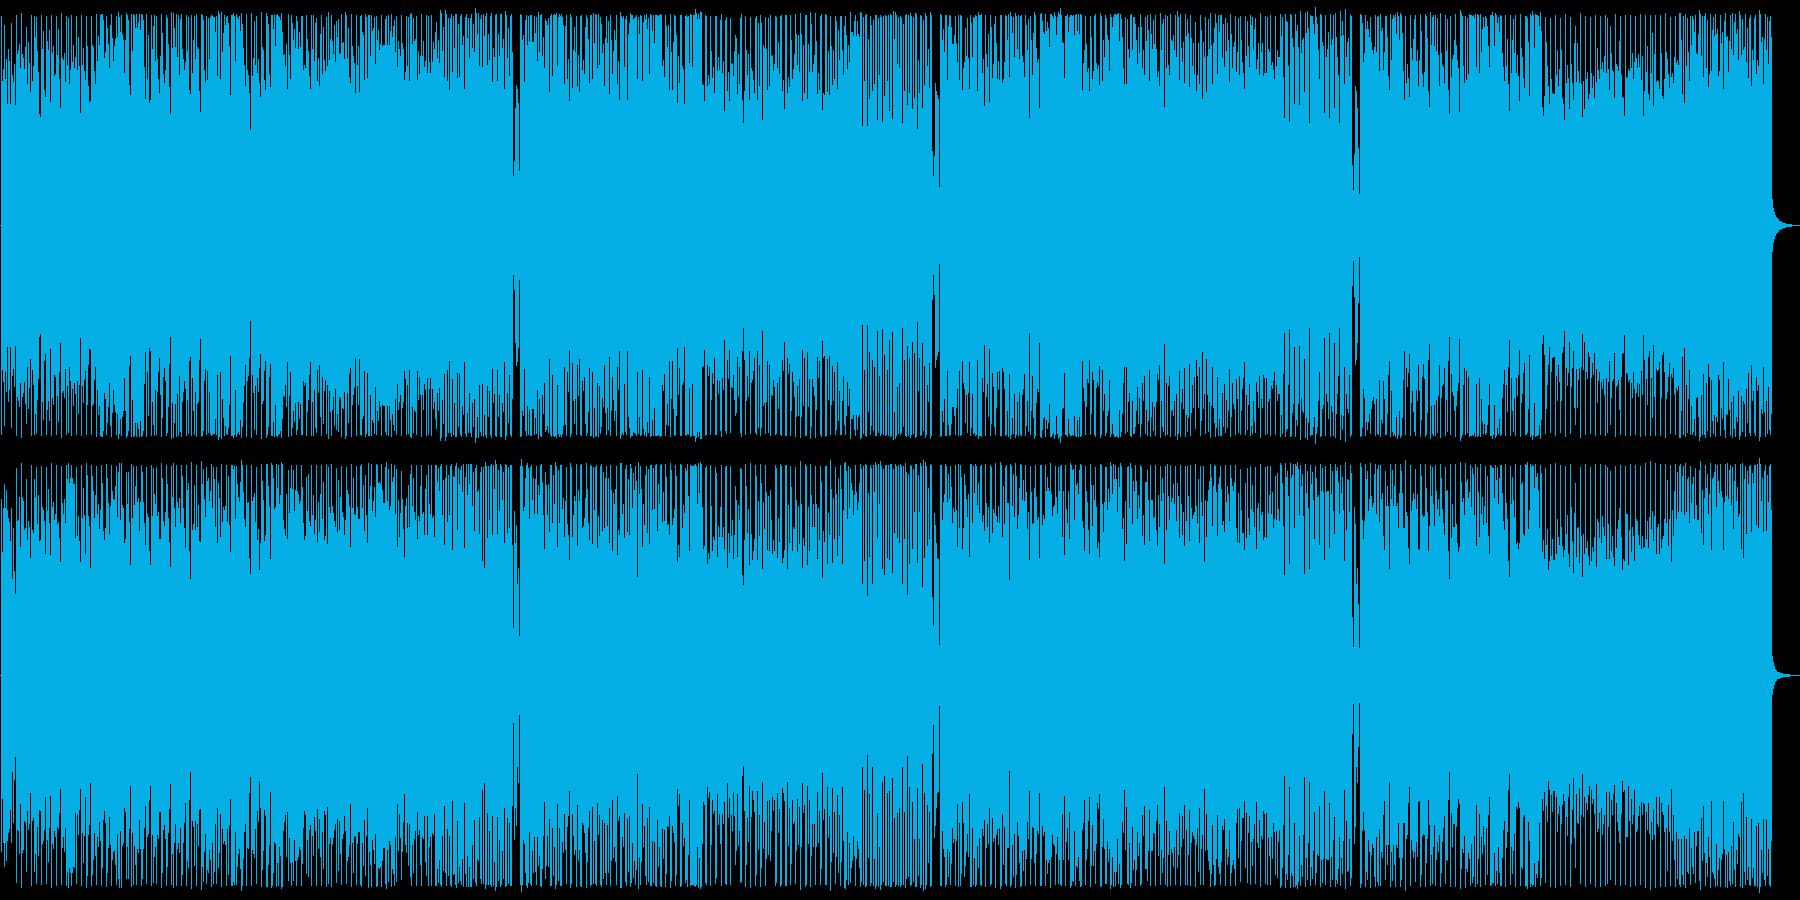 明るくリズミカルで少しコミカルな曲の再生済みの波形